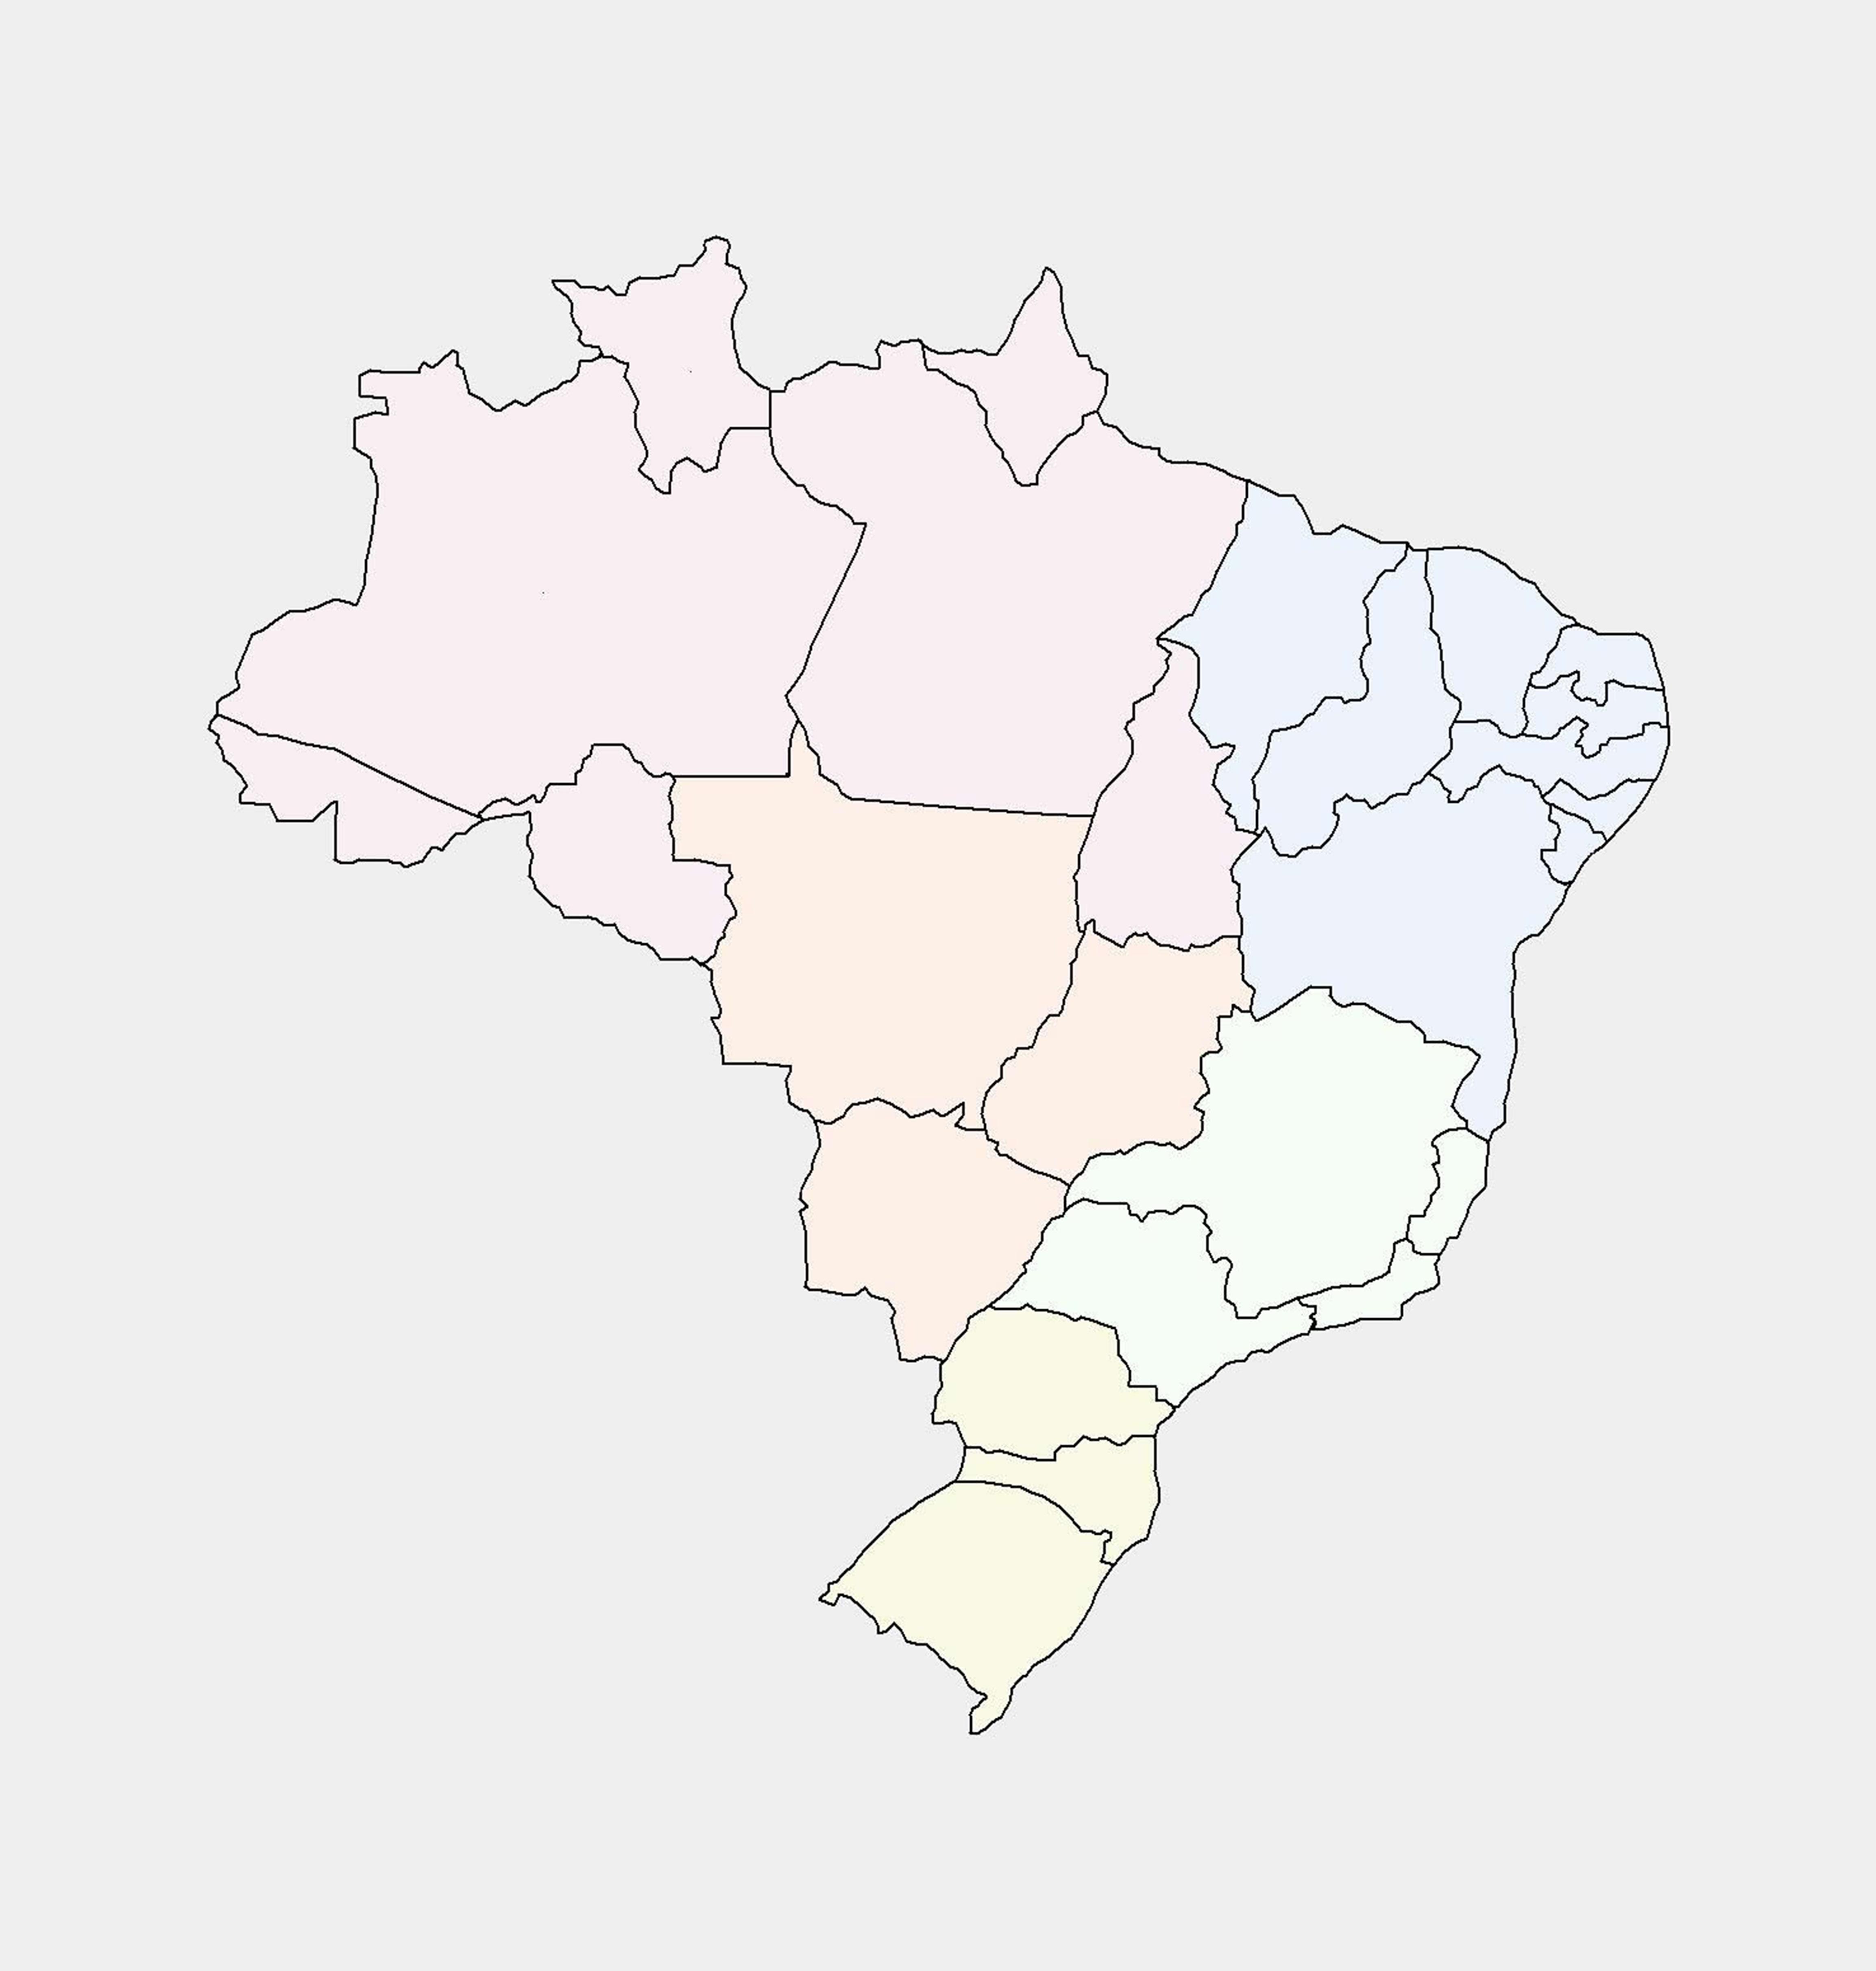 Mapa_do_Brasil_por_regiões